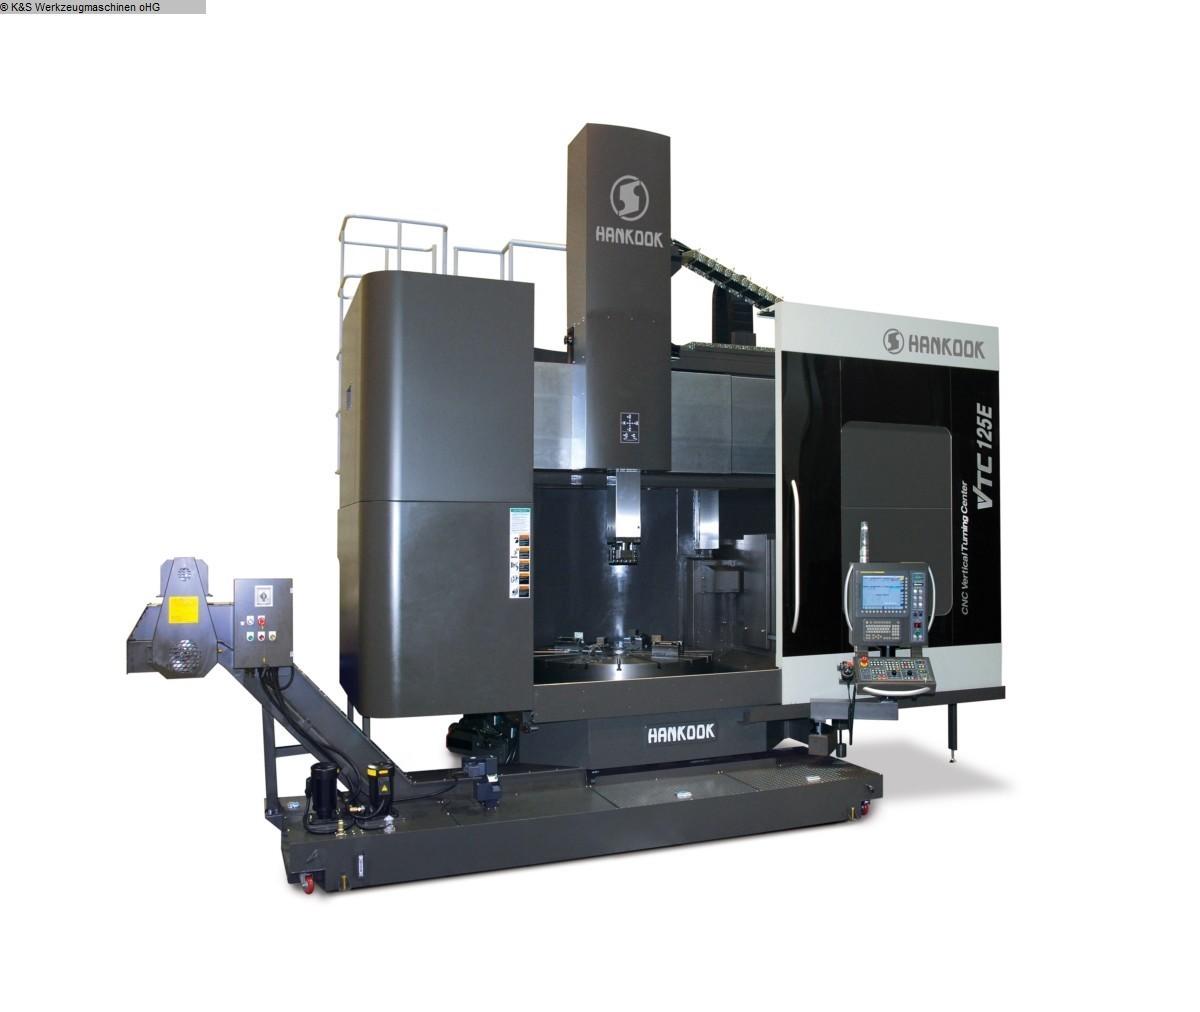 gebrauchte Metallbearbeitungsmaschinen Karusselldrehmaschine - Einständer HANKOOK VTC-125E